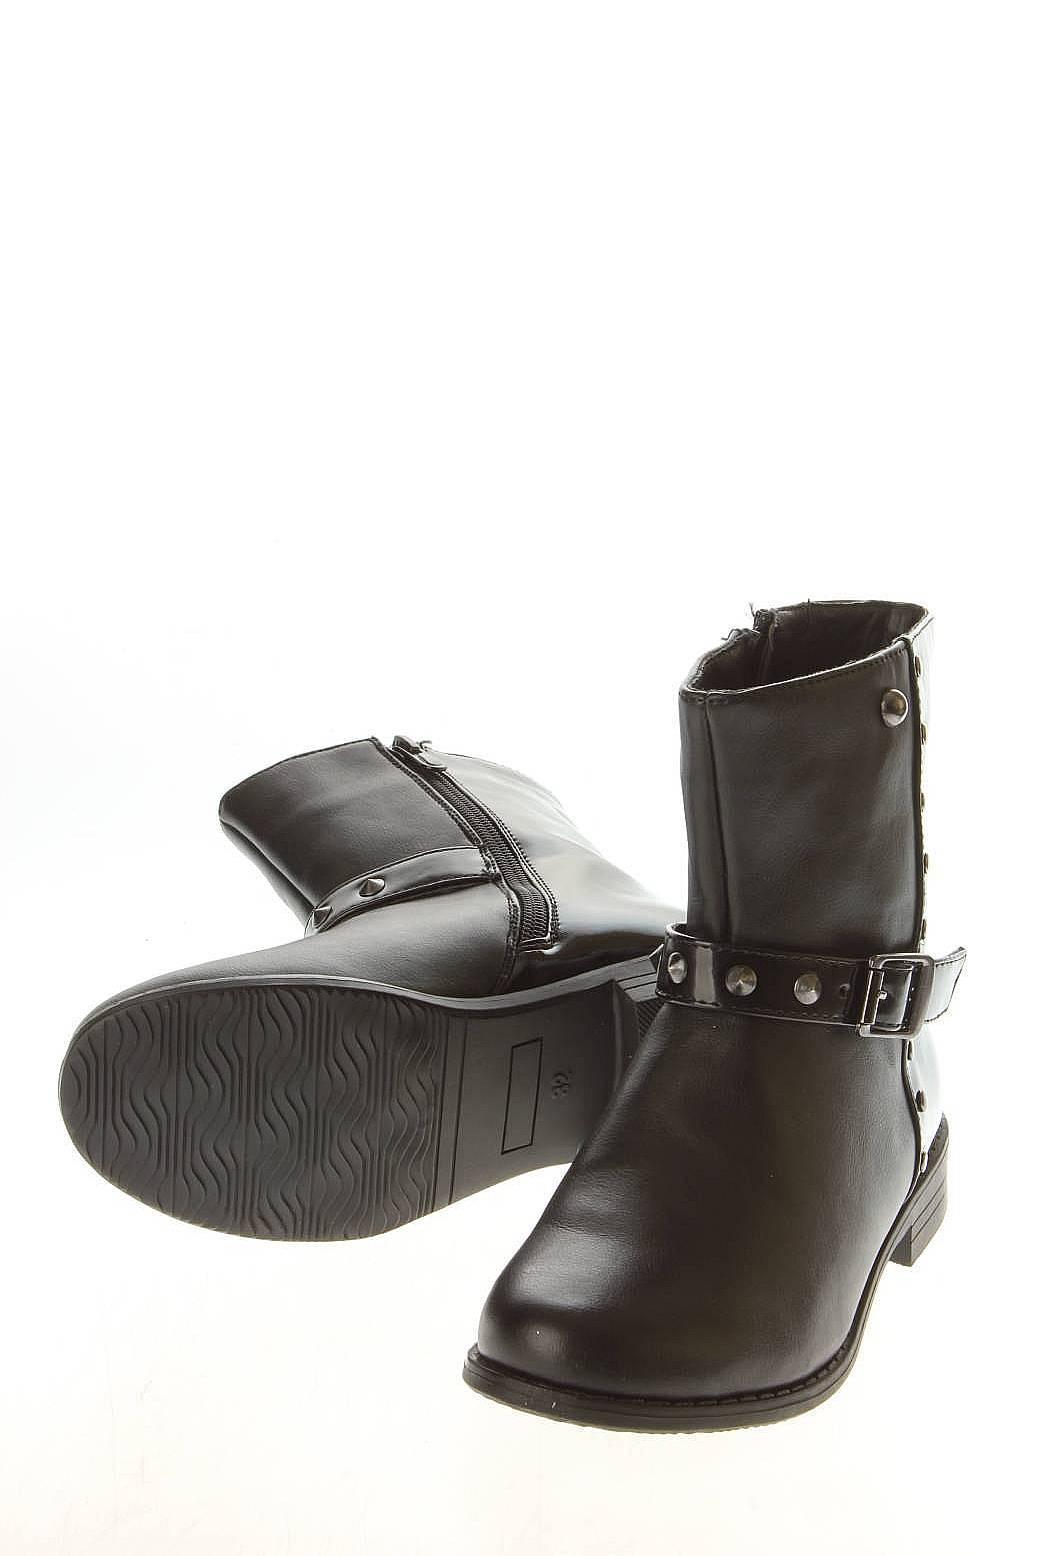 Мужская Обувь Детская Обувь Полусапоги: Парижская Коммуна Обувь